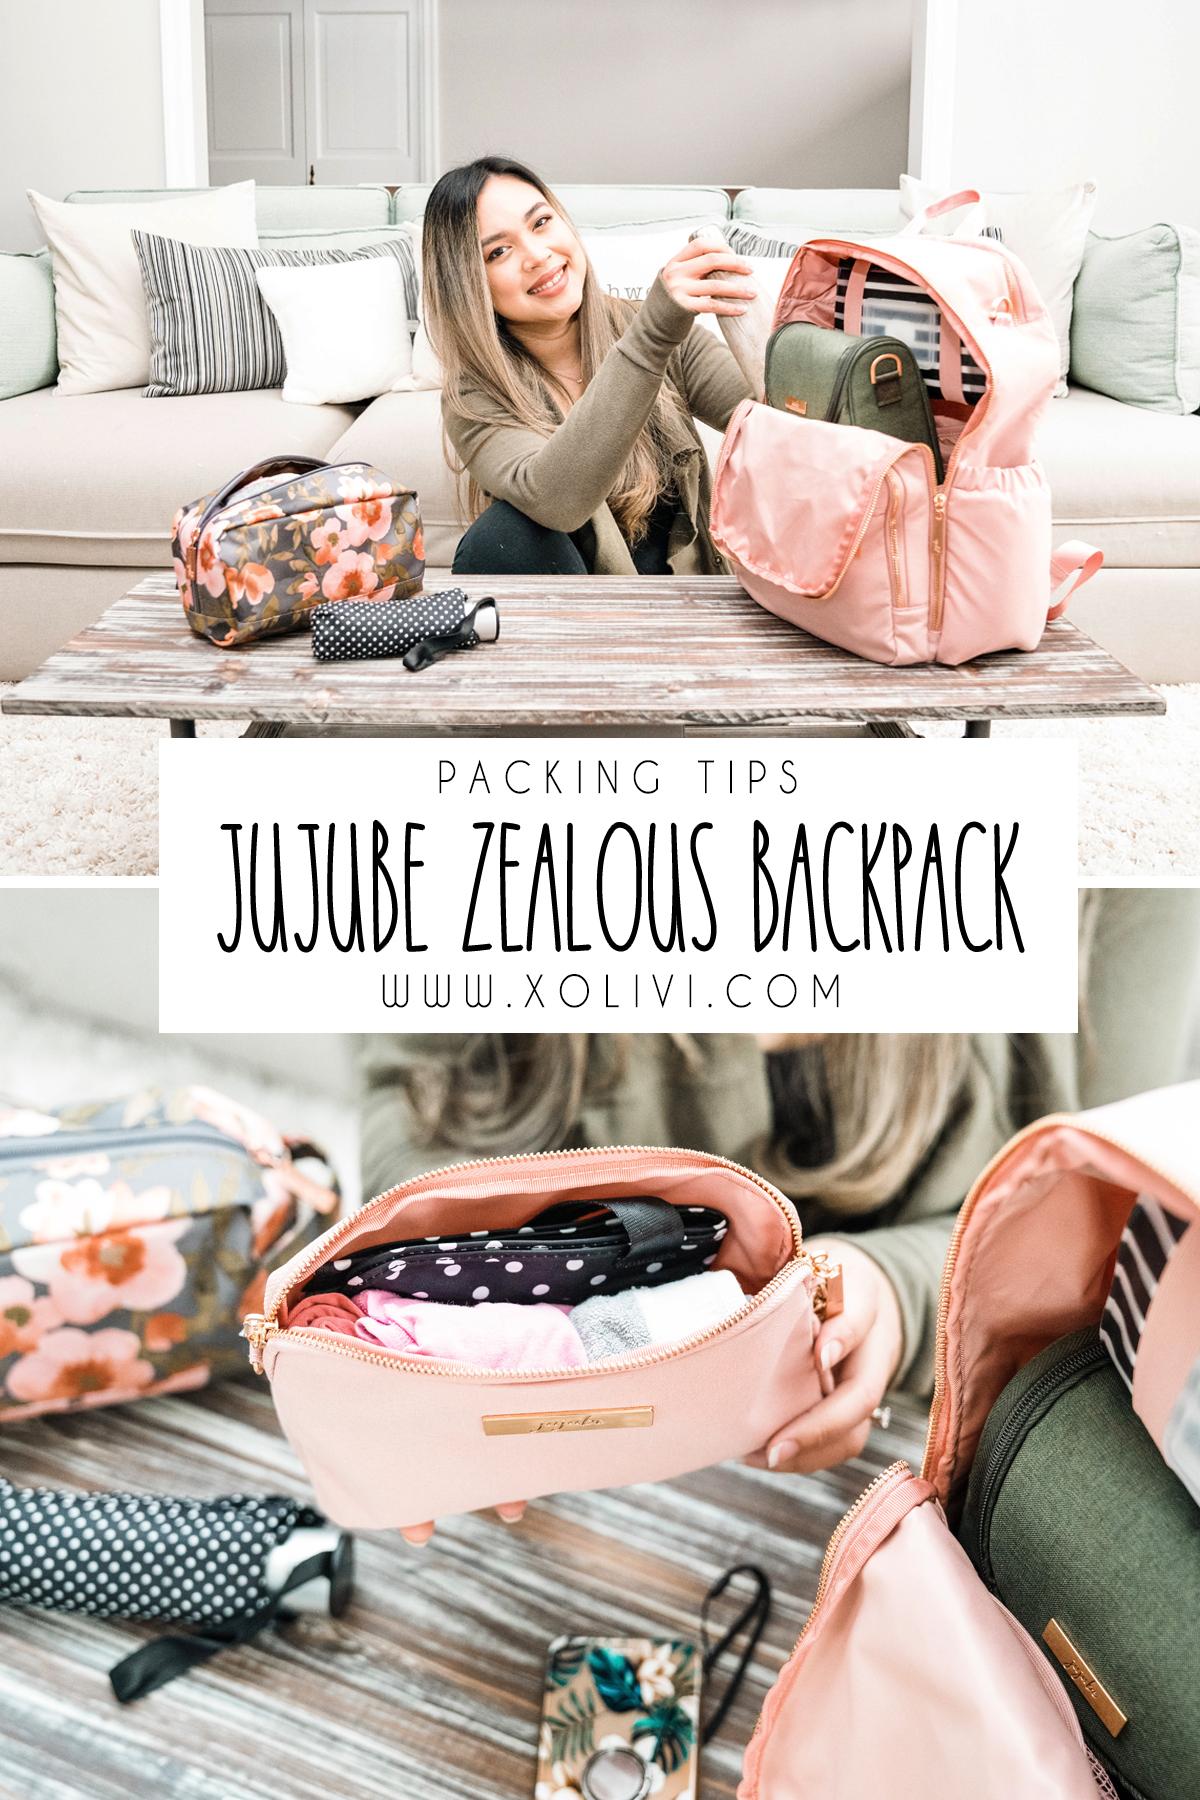 jujube zealous backpack